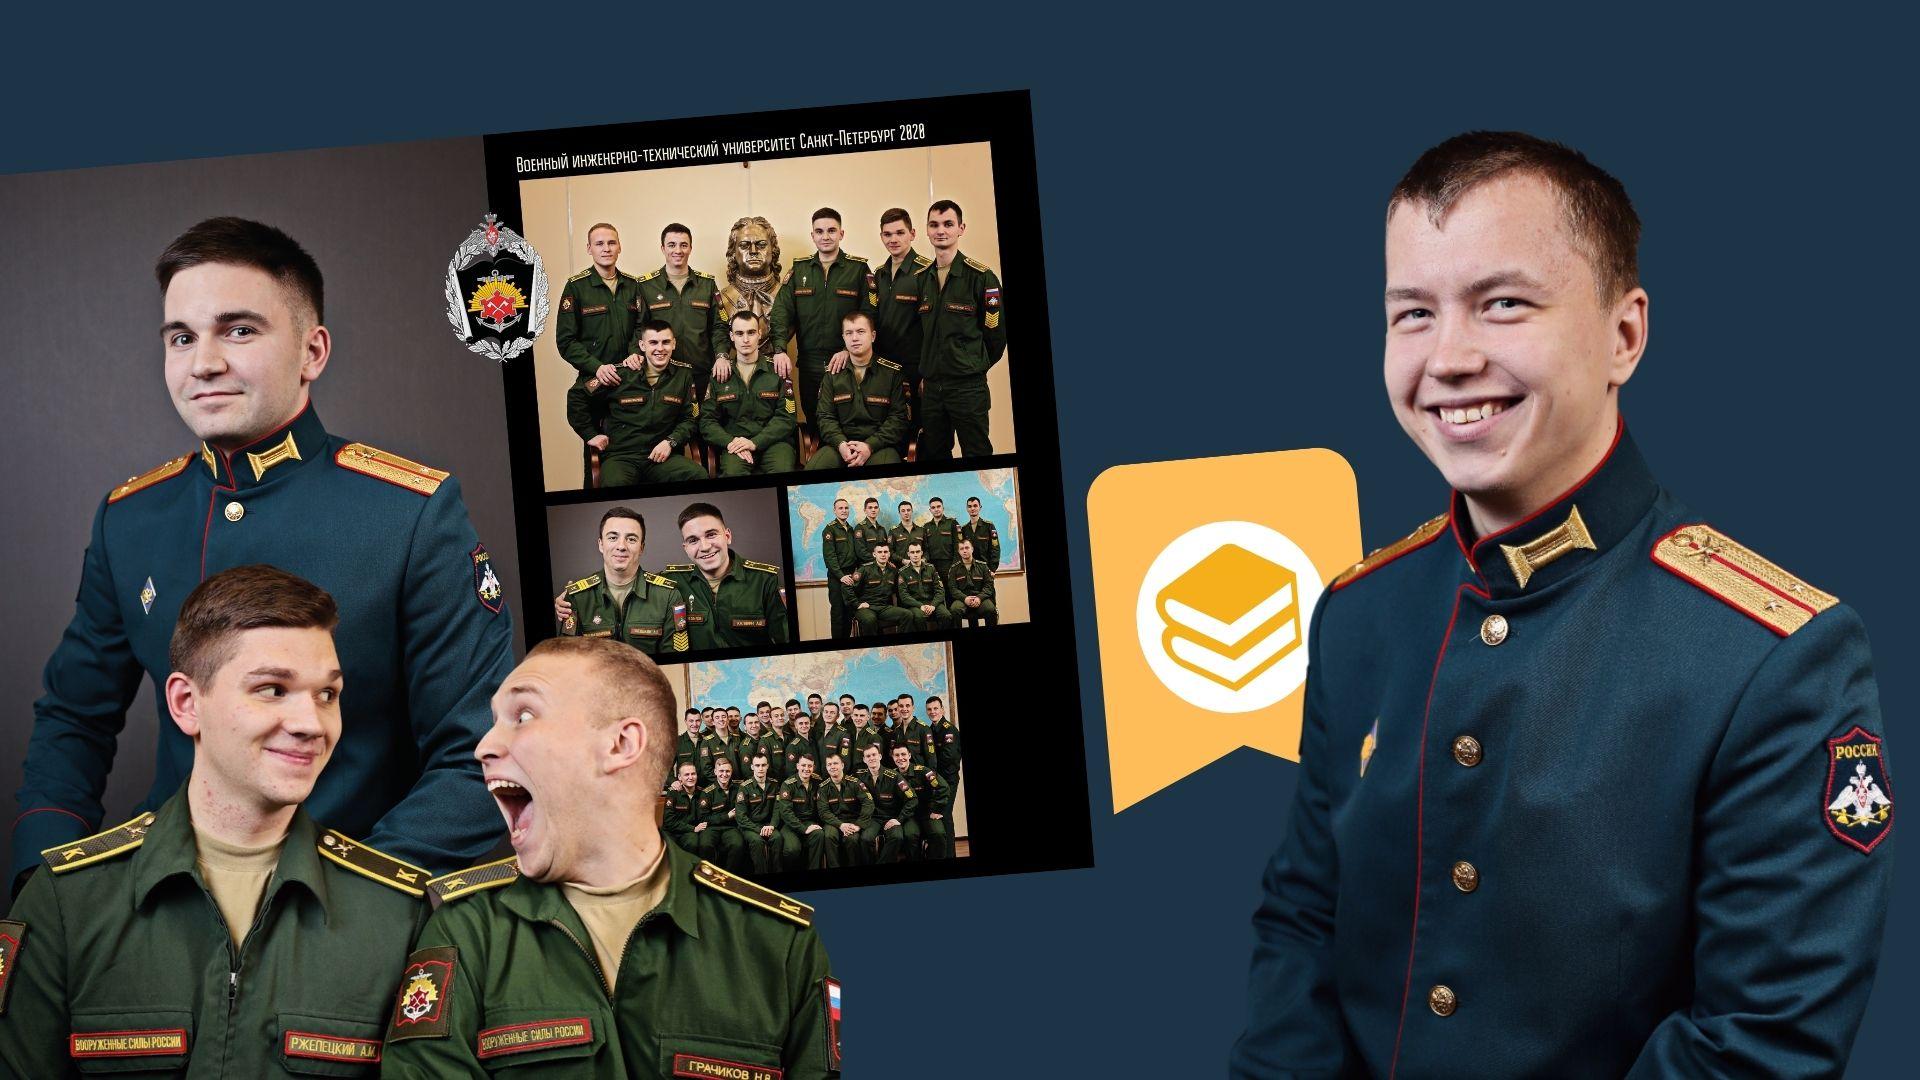 Выпускной альбом военный институт инженерно-технический 2020